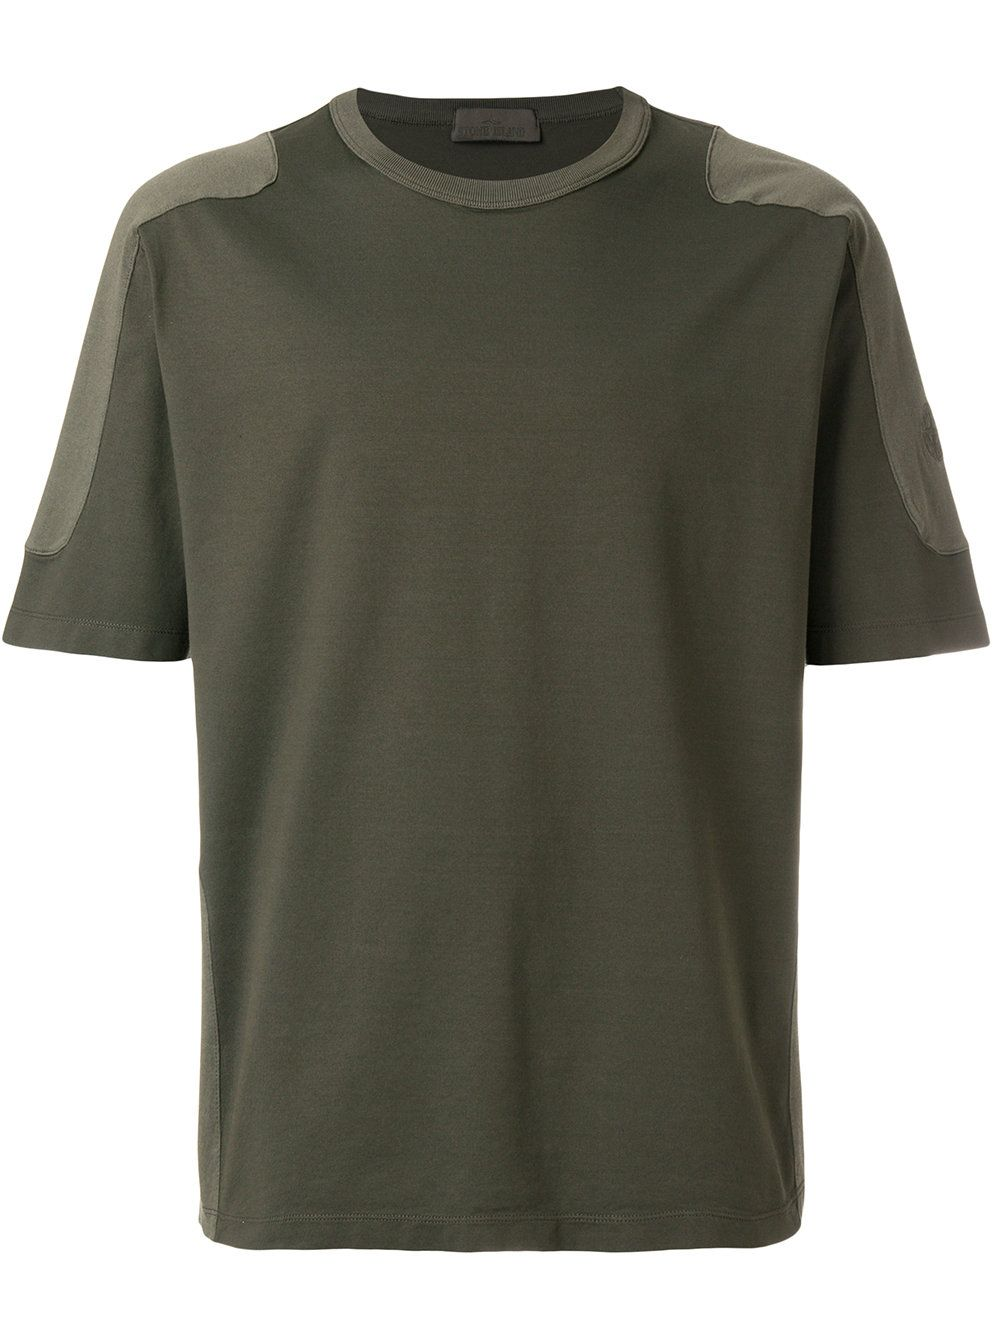 Oversized Paneled T Shirt Shirts Stone Island Sleeve Designs